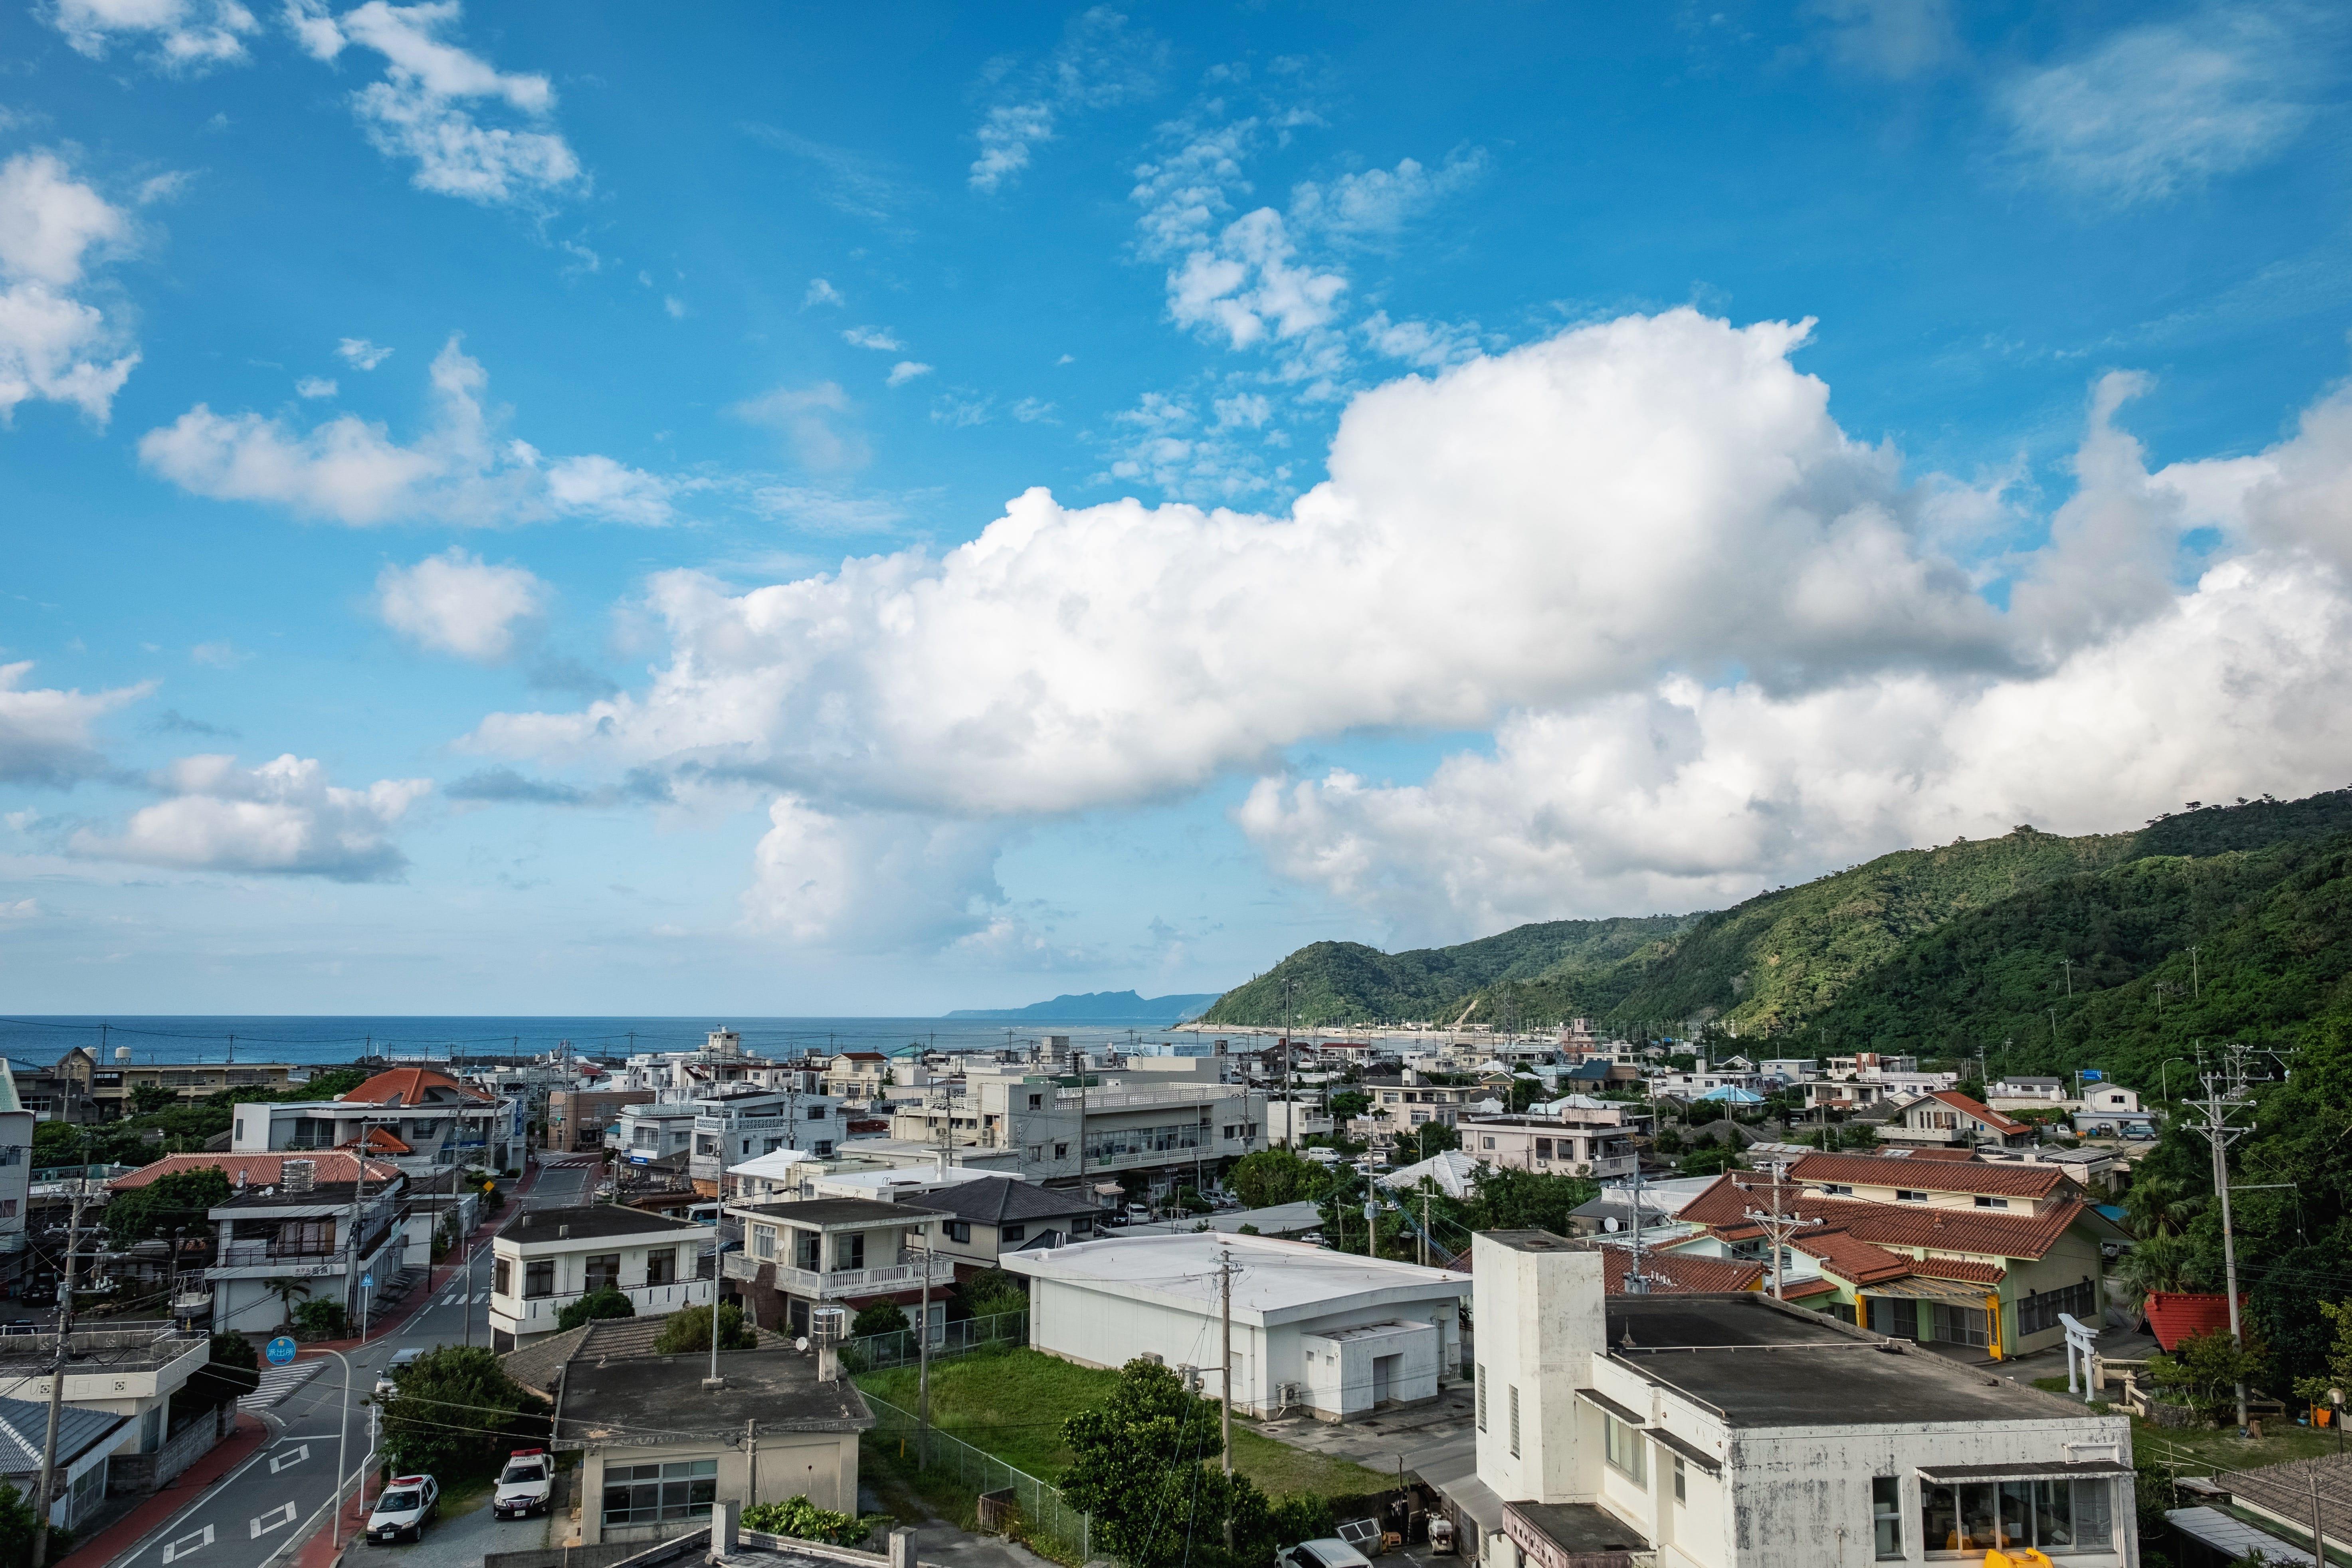 雄大な自然と人の温かさに触れた村「沖縄県国頭村辺土名」のノマドワークな1日|沖縄